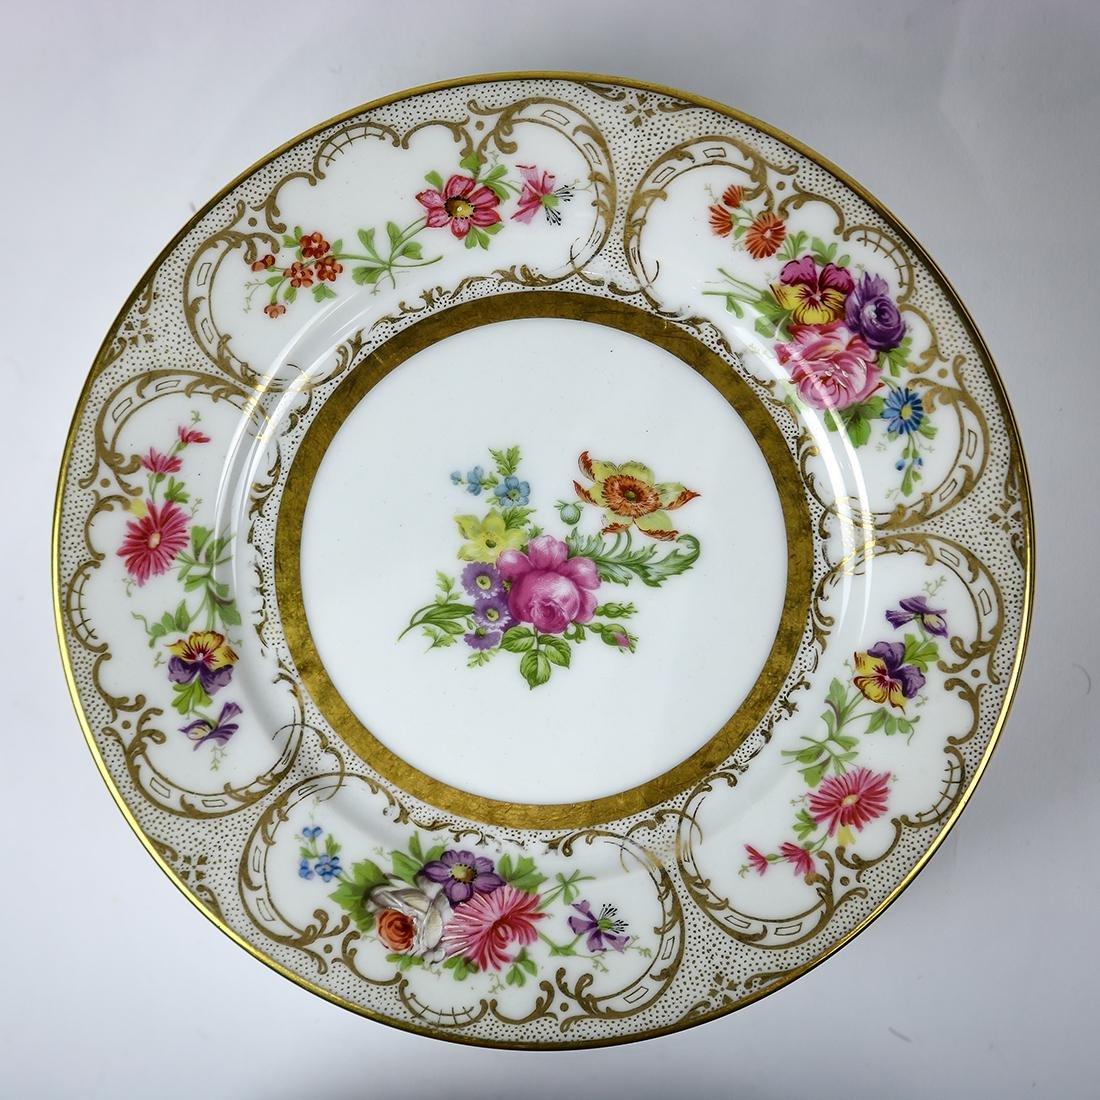 Limoges porcelain dessert plates - 2